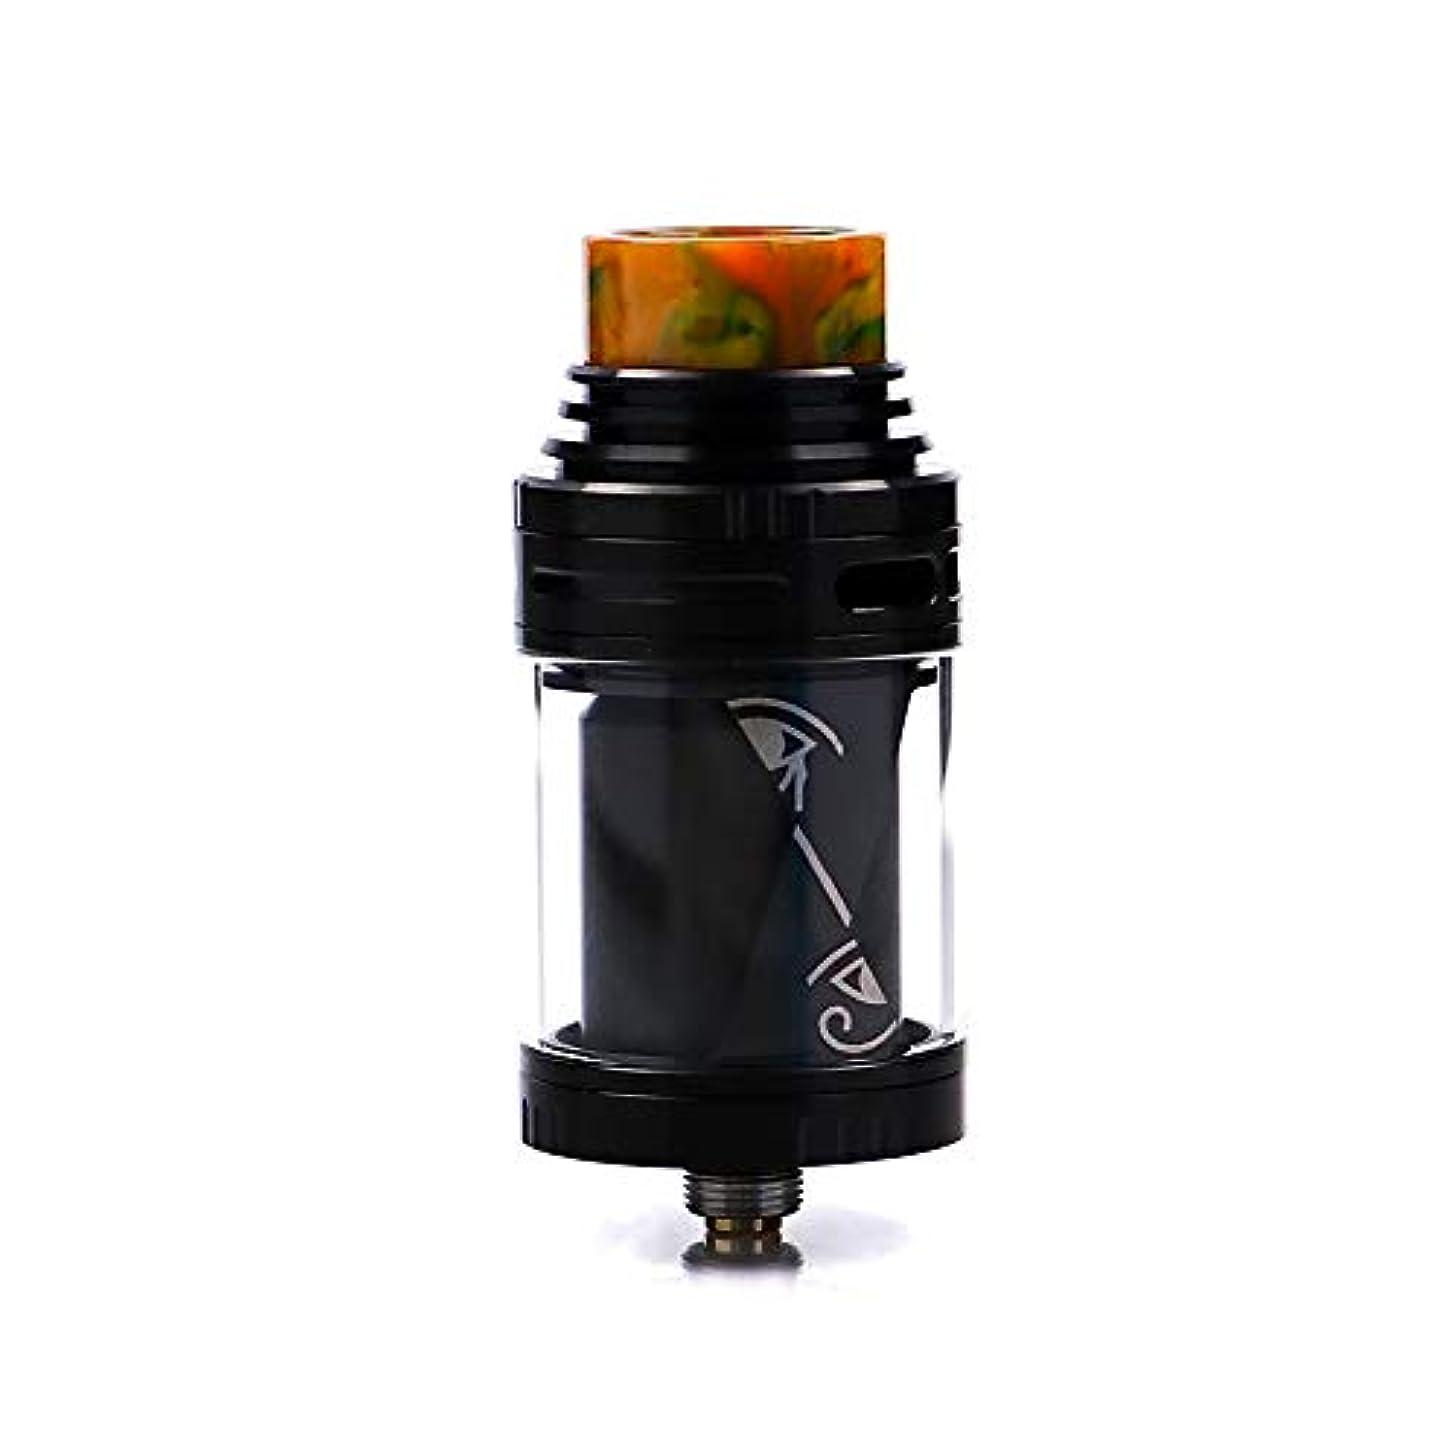 繁雑伝記拷問電子タバコ交換用タンク 電子タバコアトマイザー Vapefly Horus RTA 液漏れしない  トップフィル対応 禁煙 爆煙 Akmi(ステンレス)